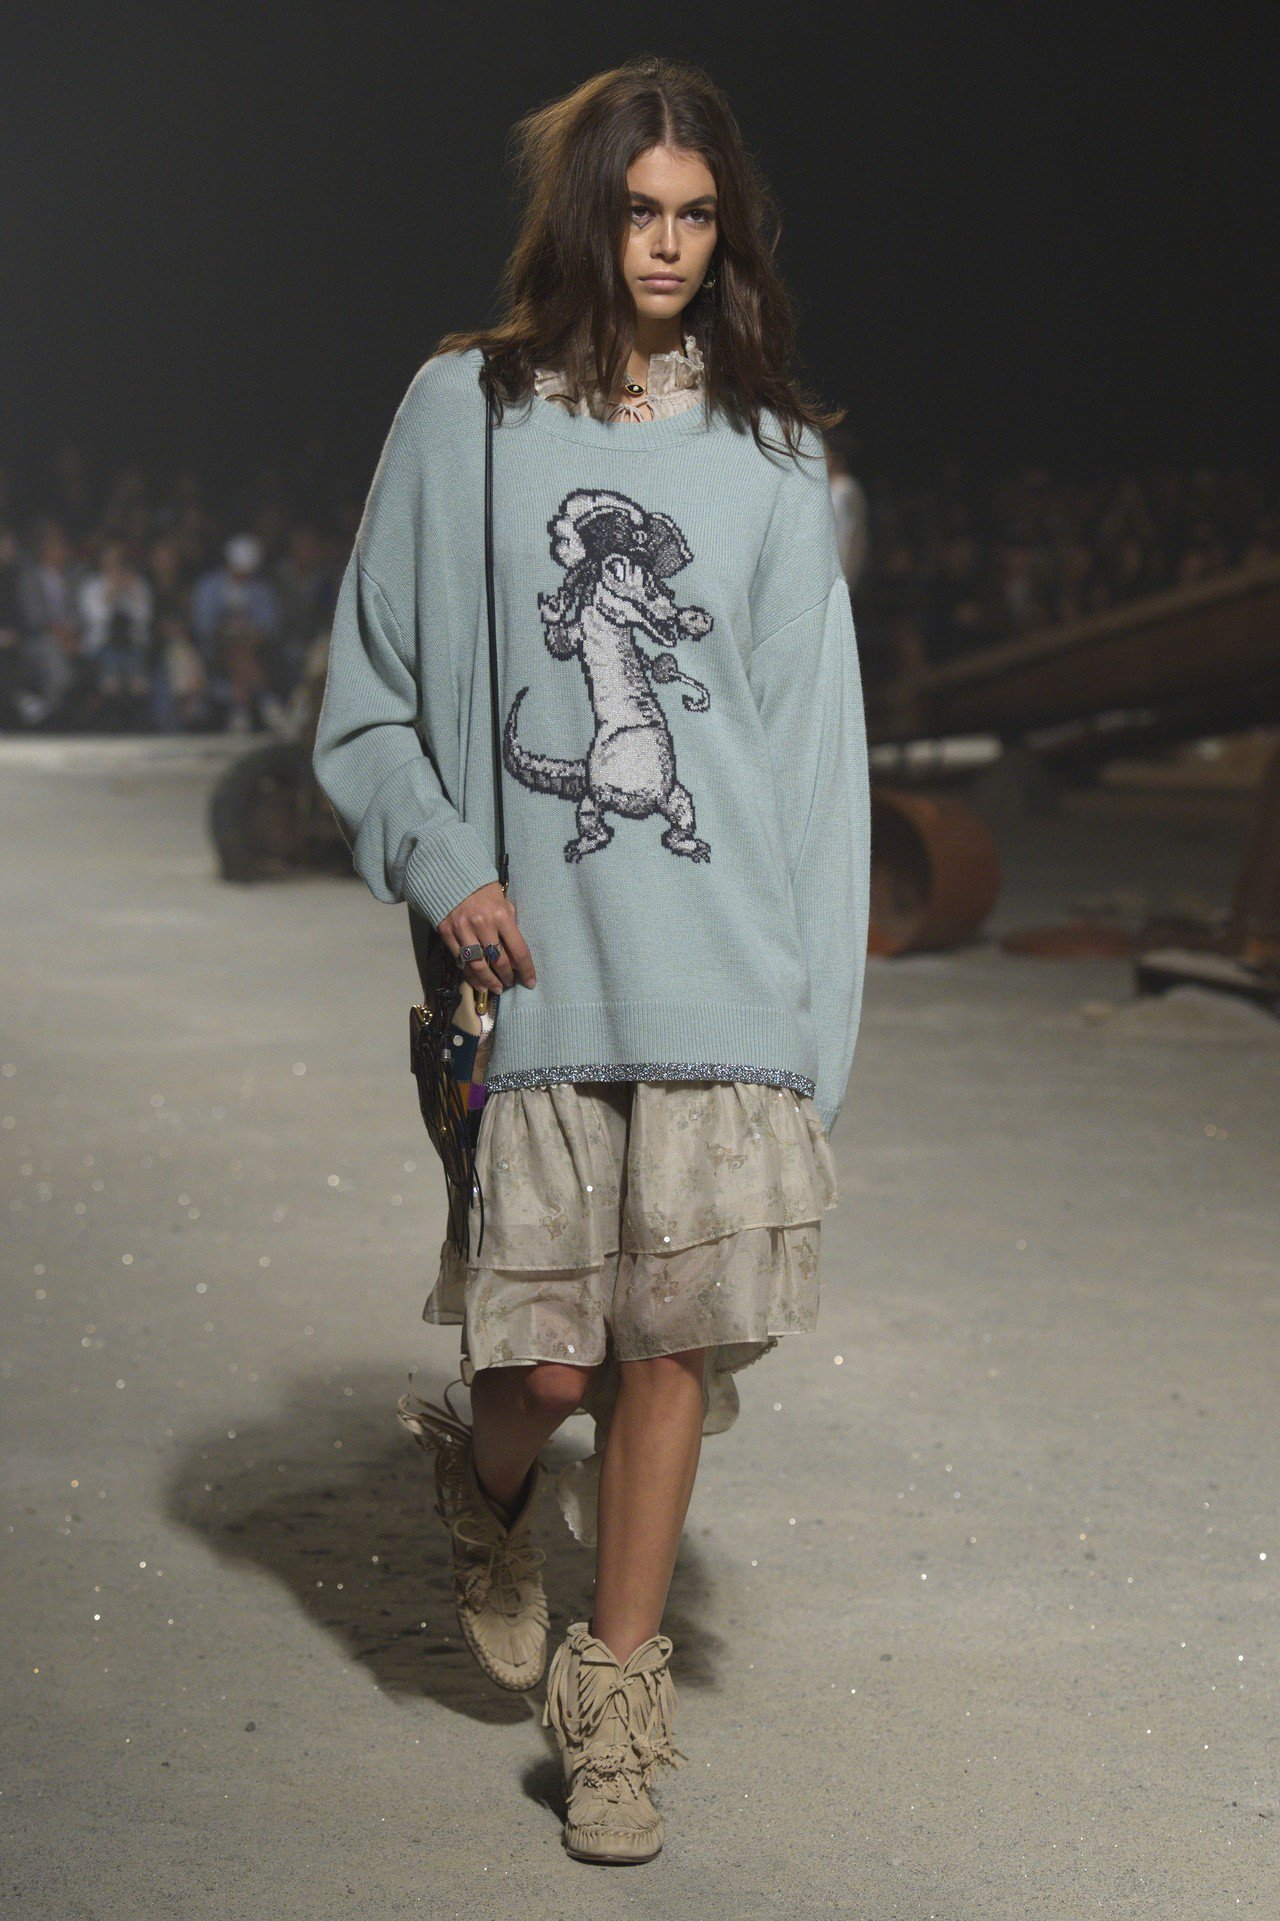 凱亞葛柏身穿卡通圖紋的針織衫,是品牌近幾季的特色。圖/COACH提供